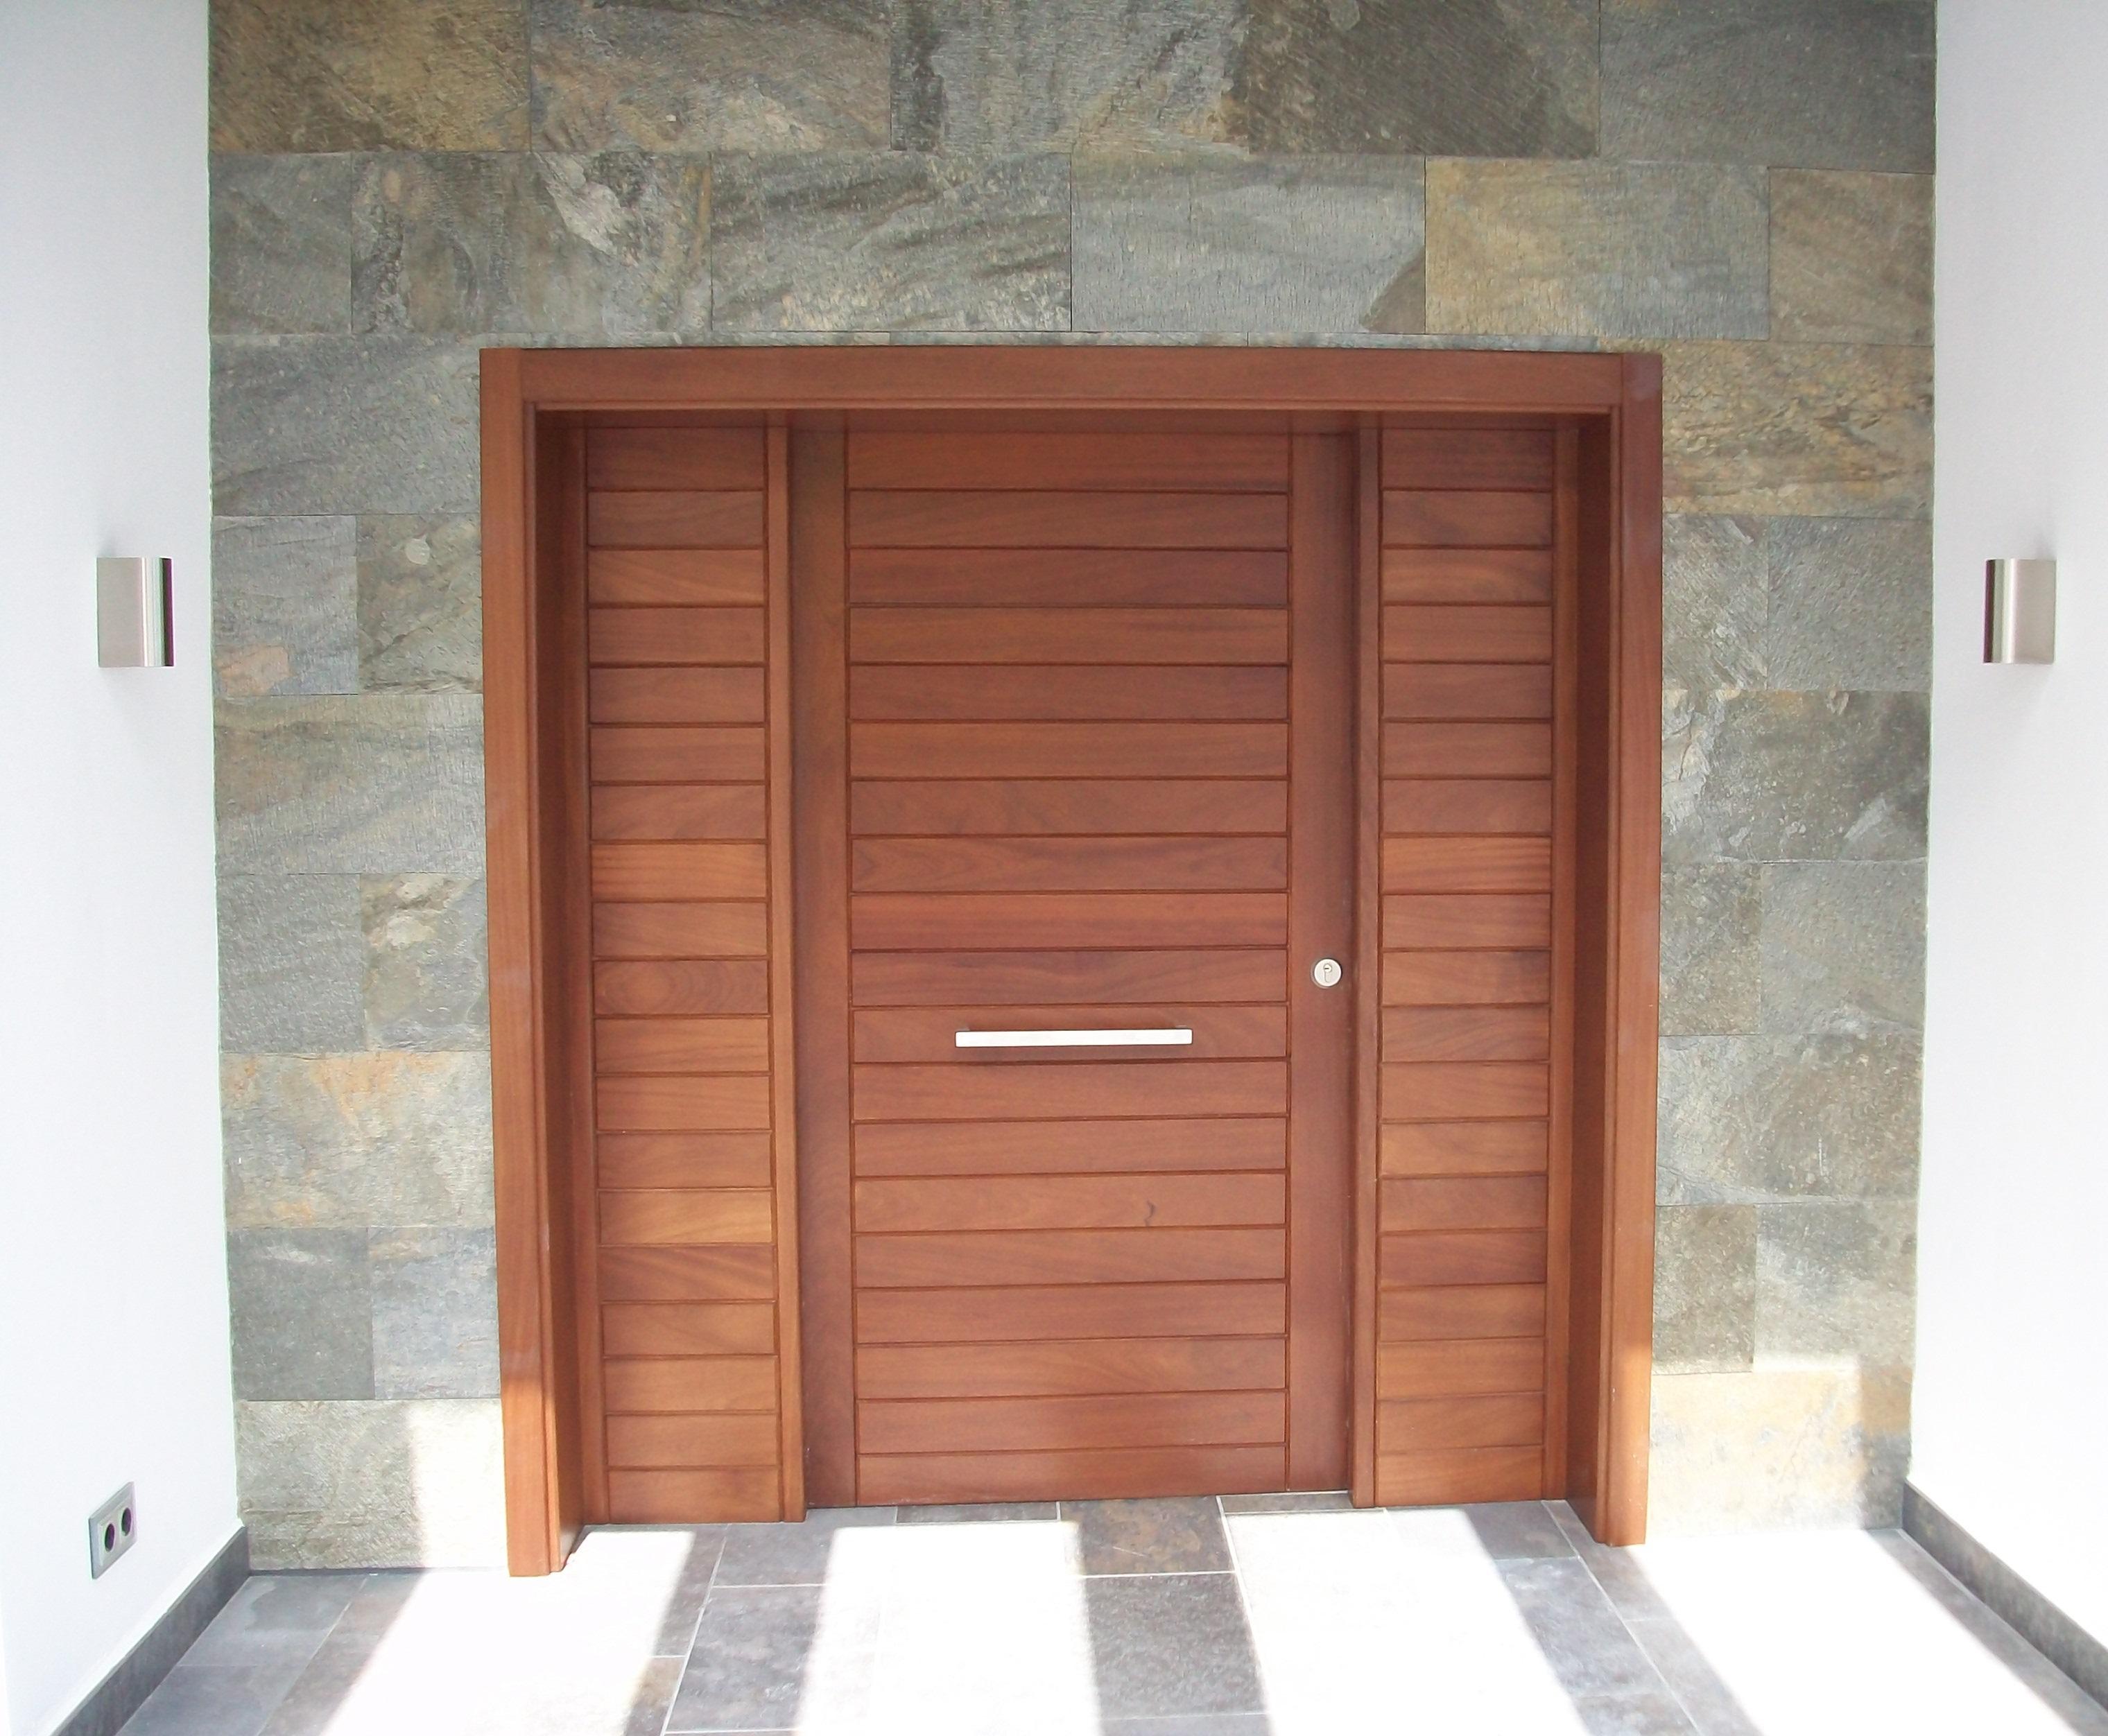 Fabrica fabricacion portones puertas exterior a medida - Portones de madera para exterior ...